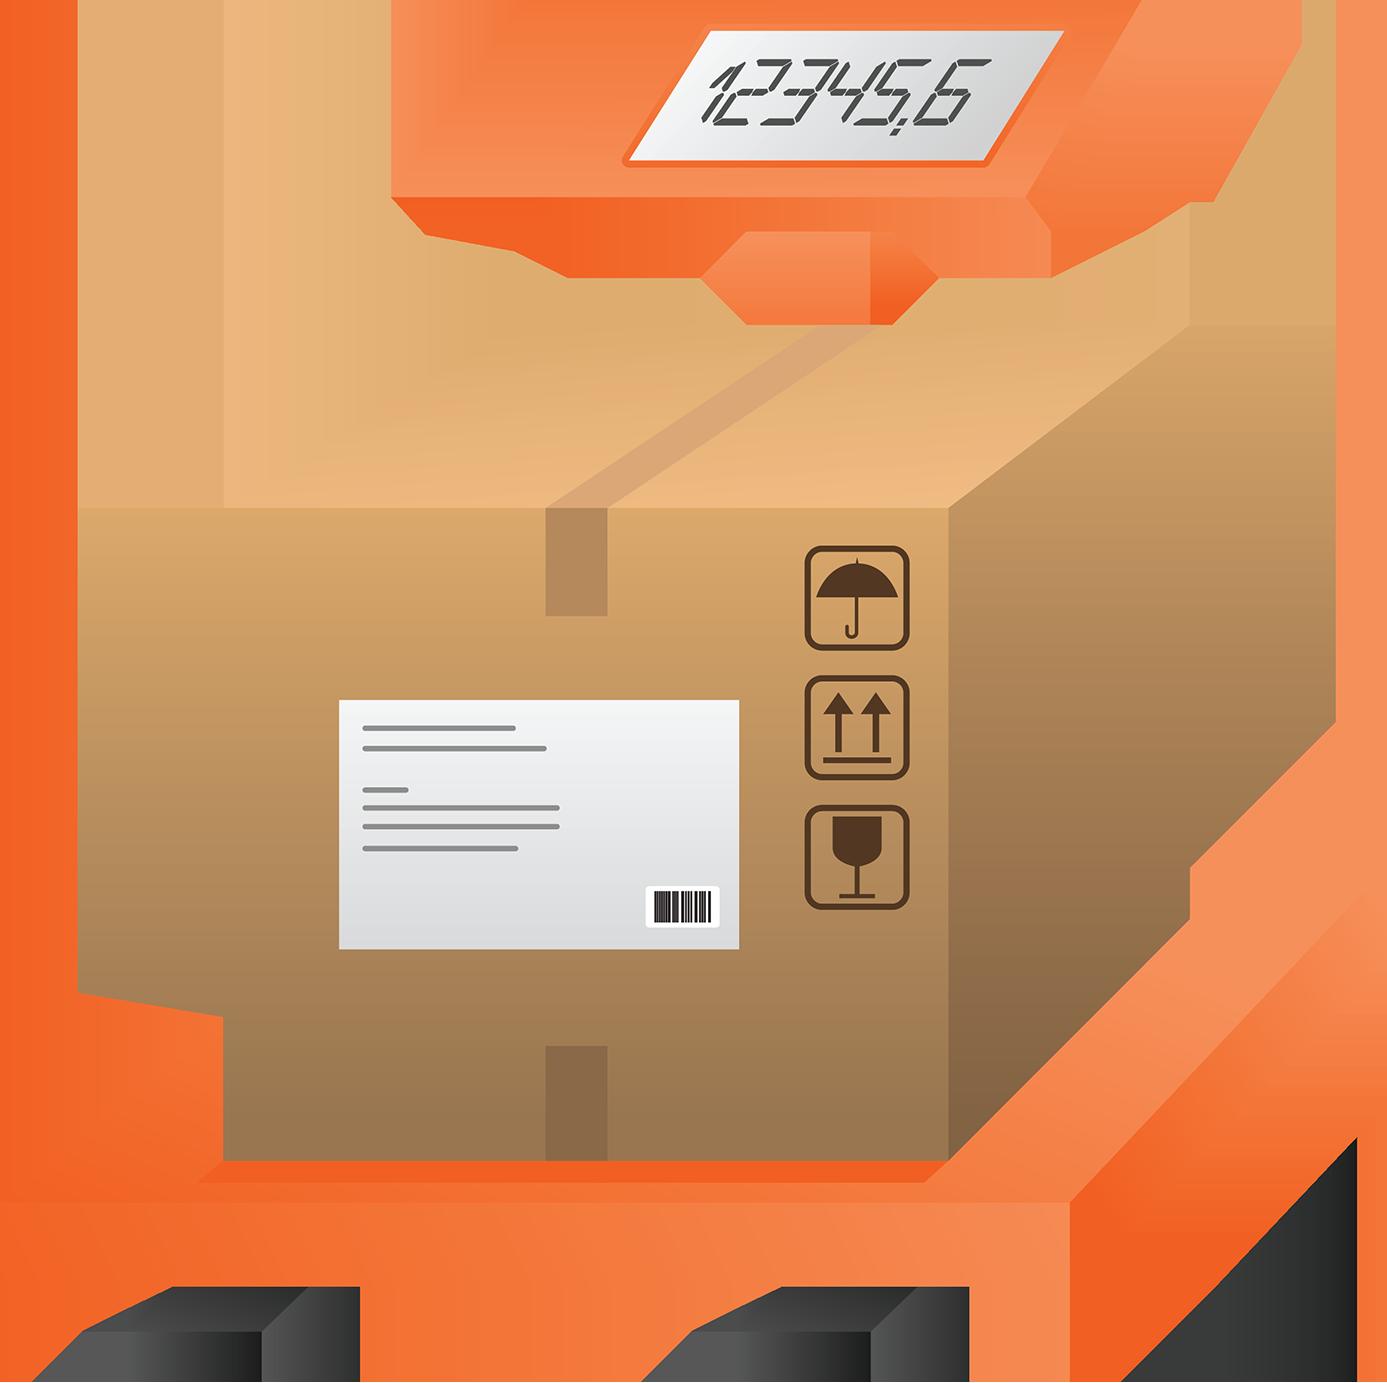 prezzi box a milano